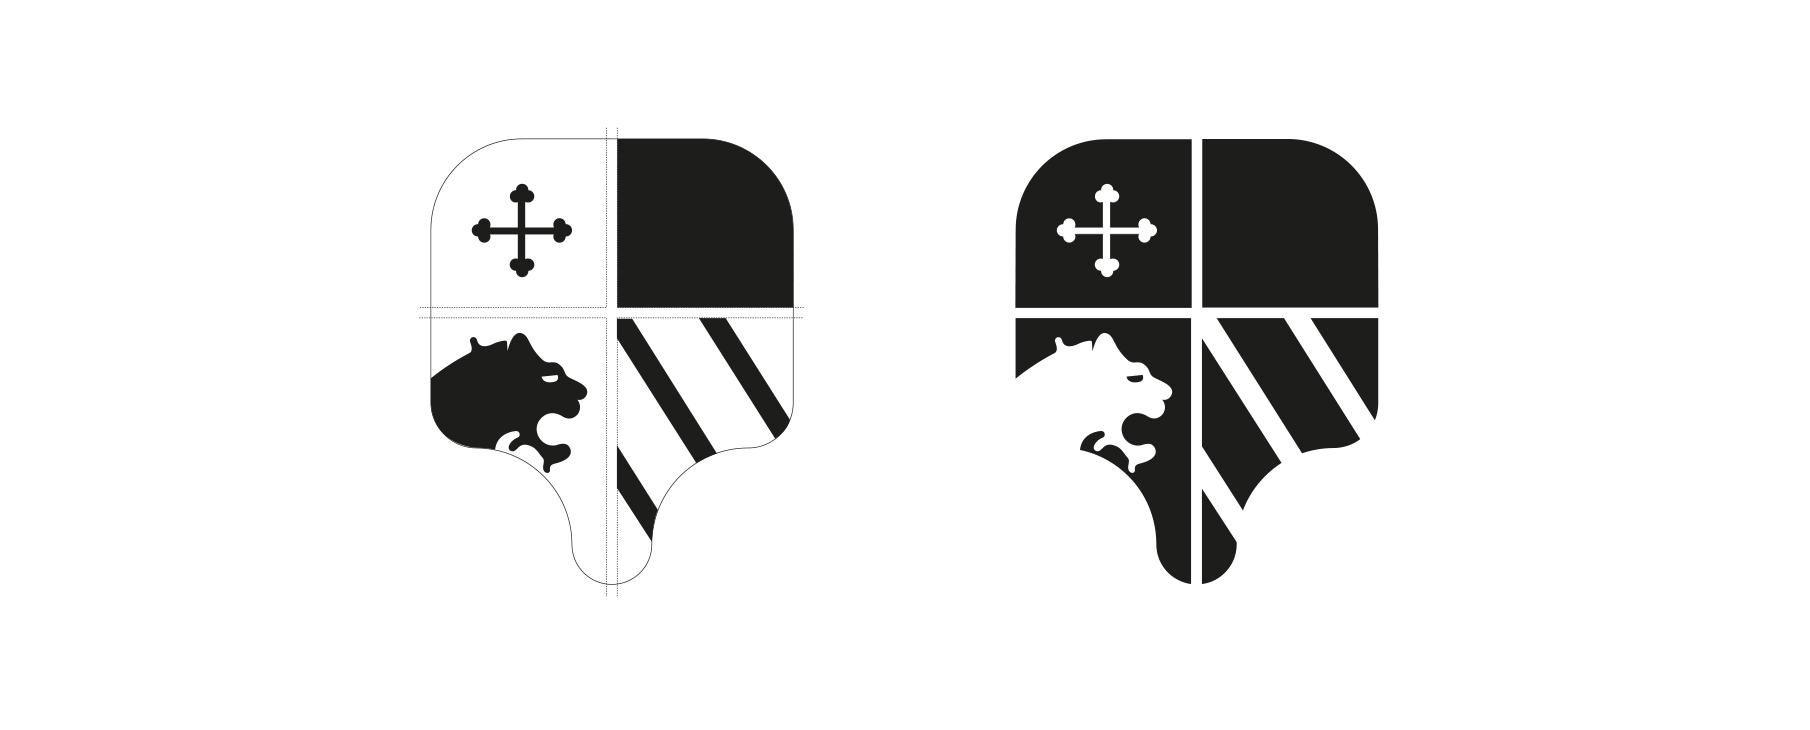 podere_logo_build_4